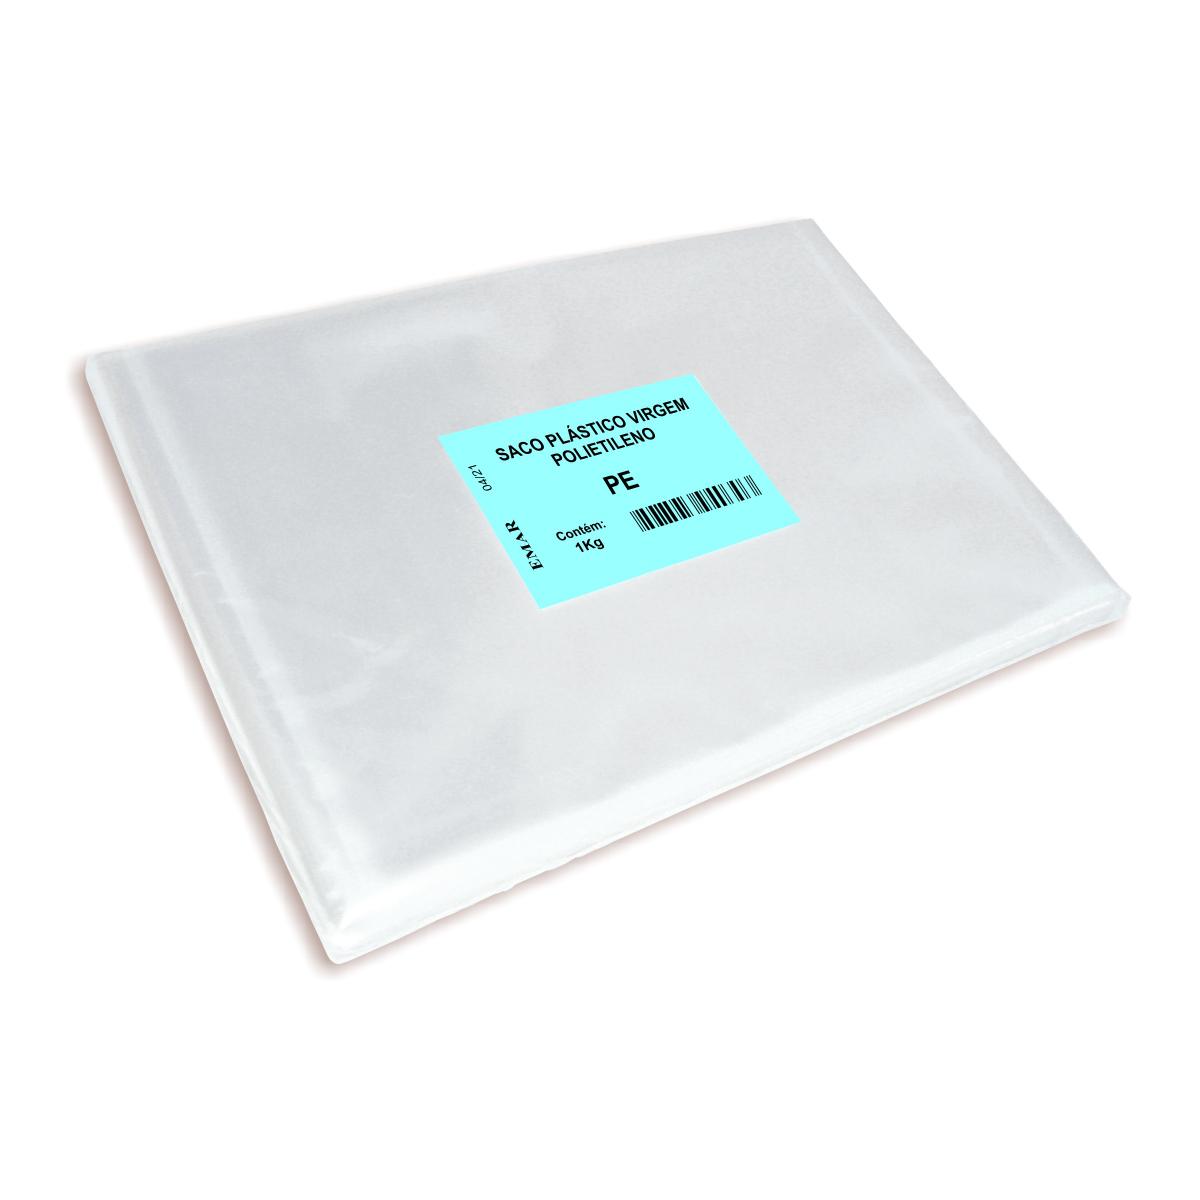 Sacos em Polietileno Transparente com 1 kg